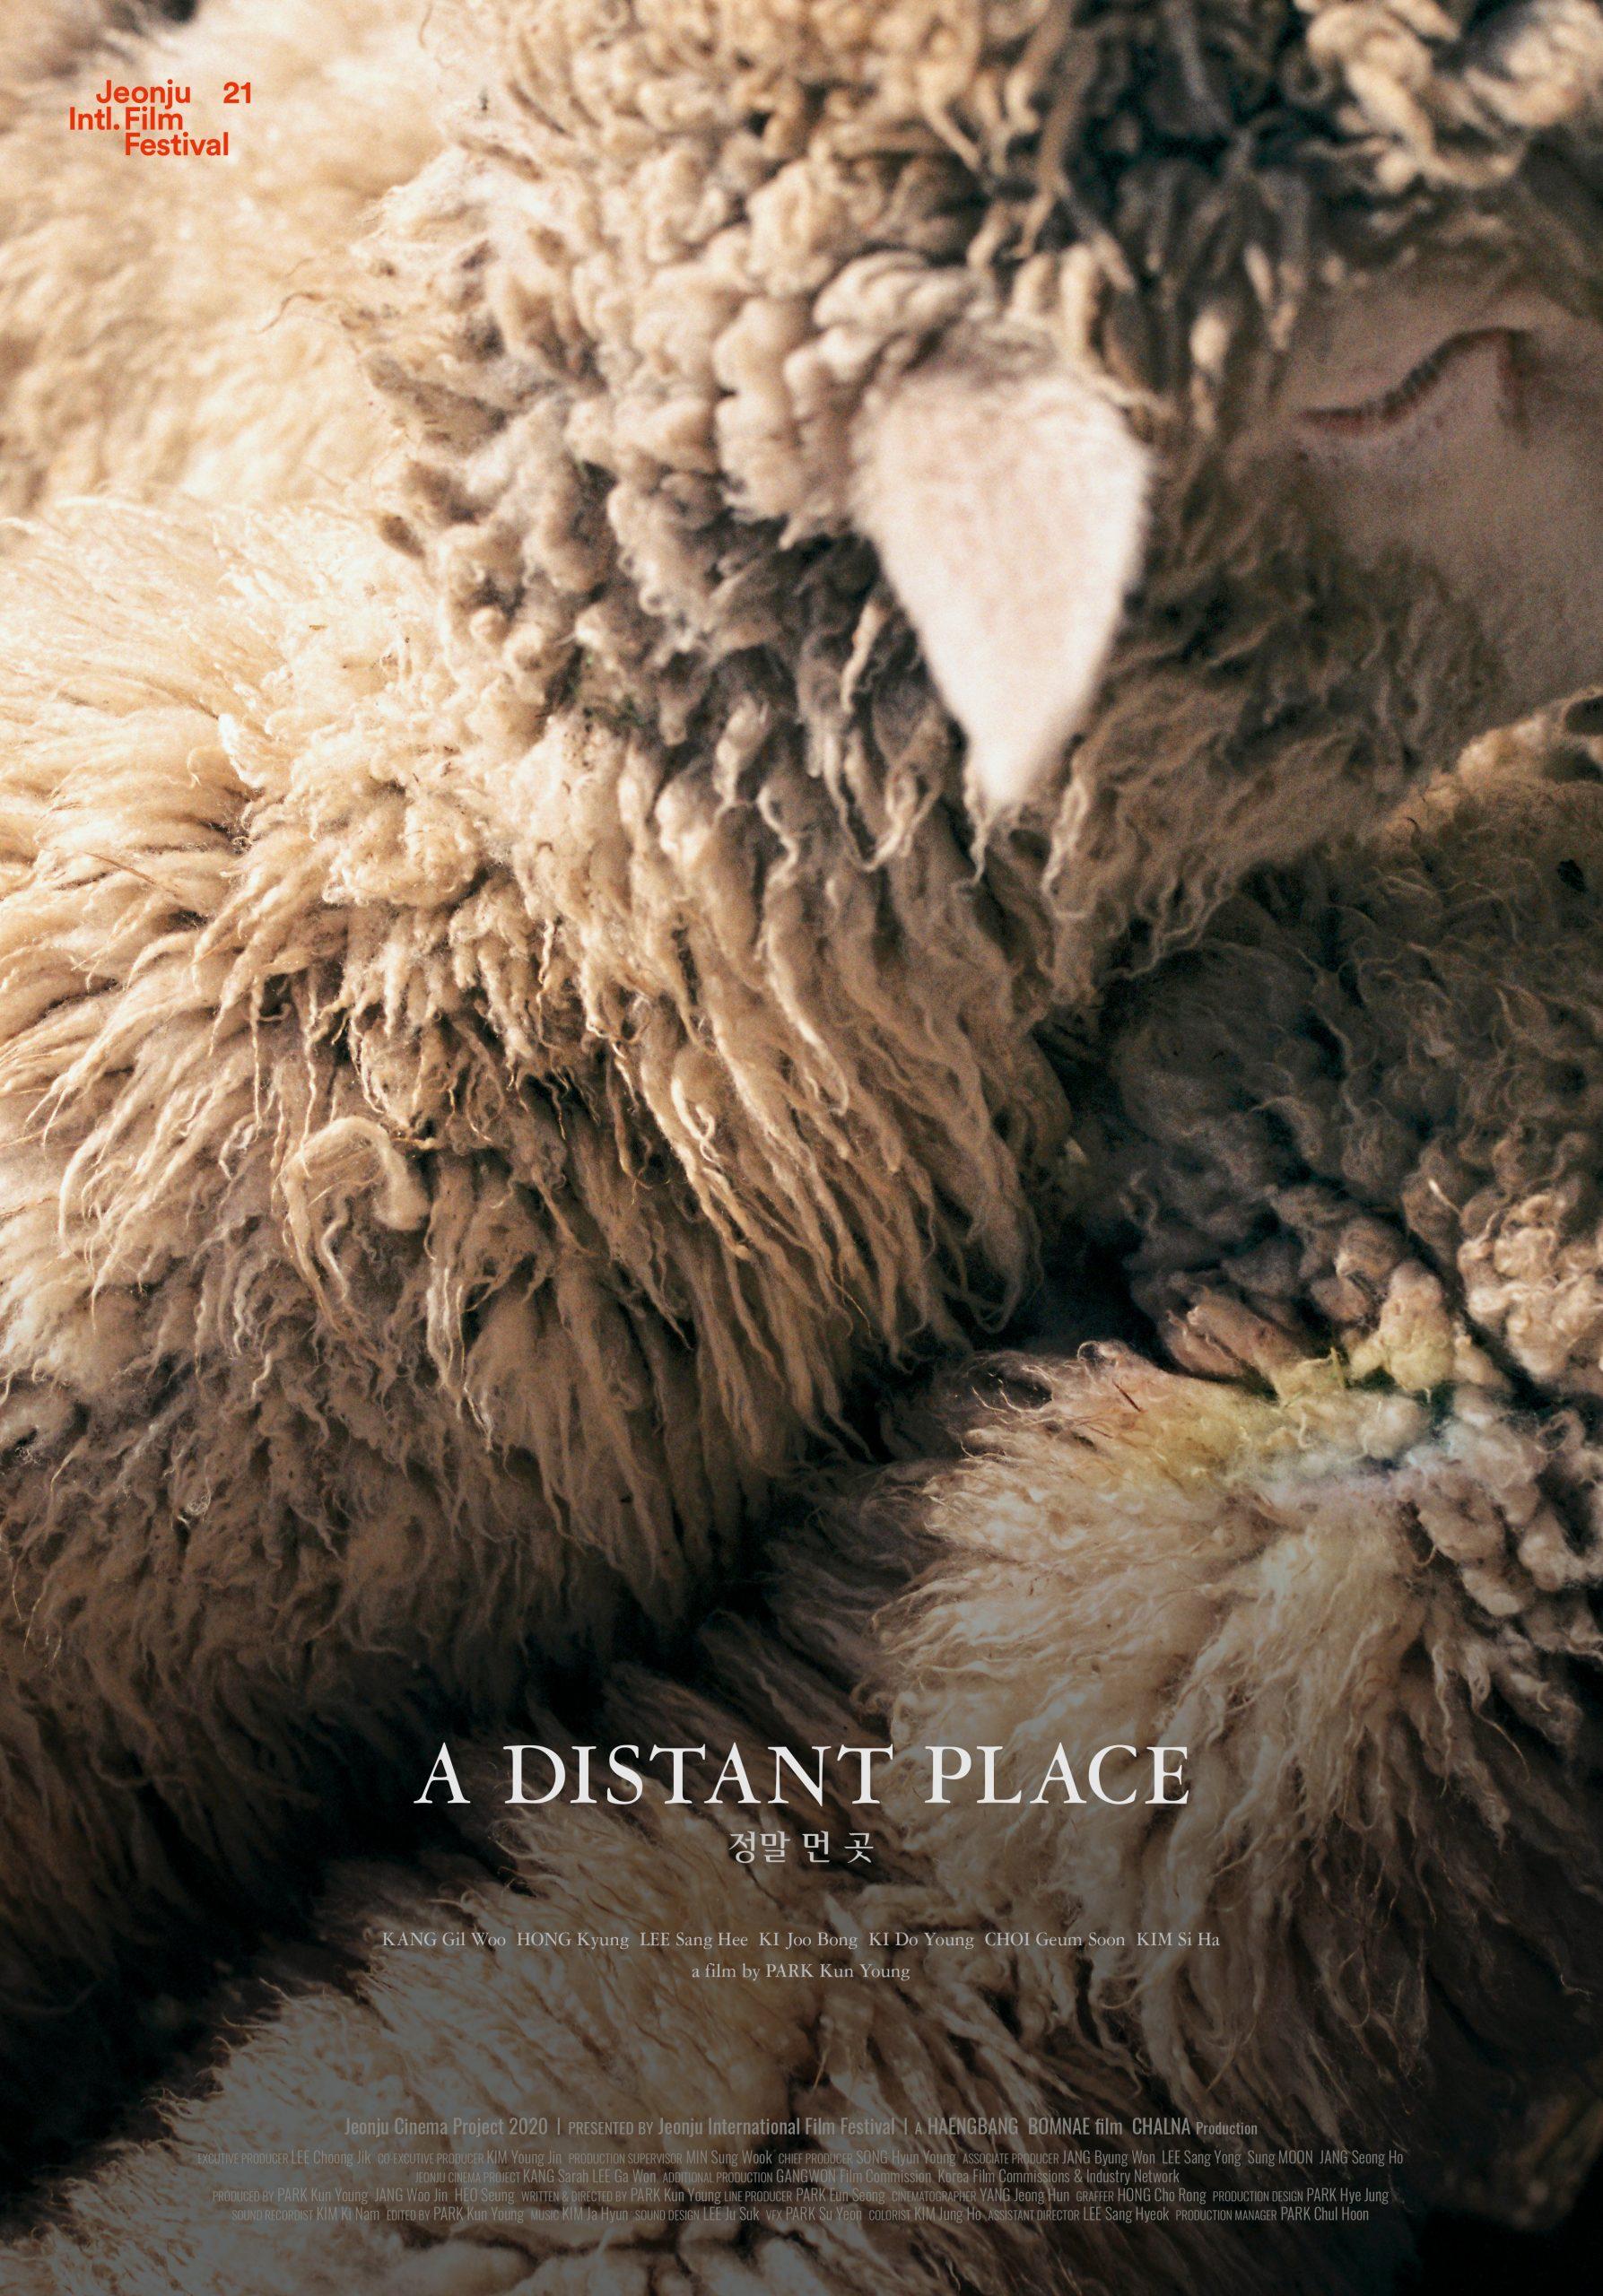 A Distant Place